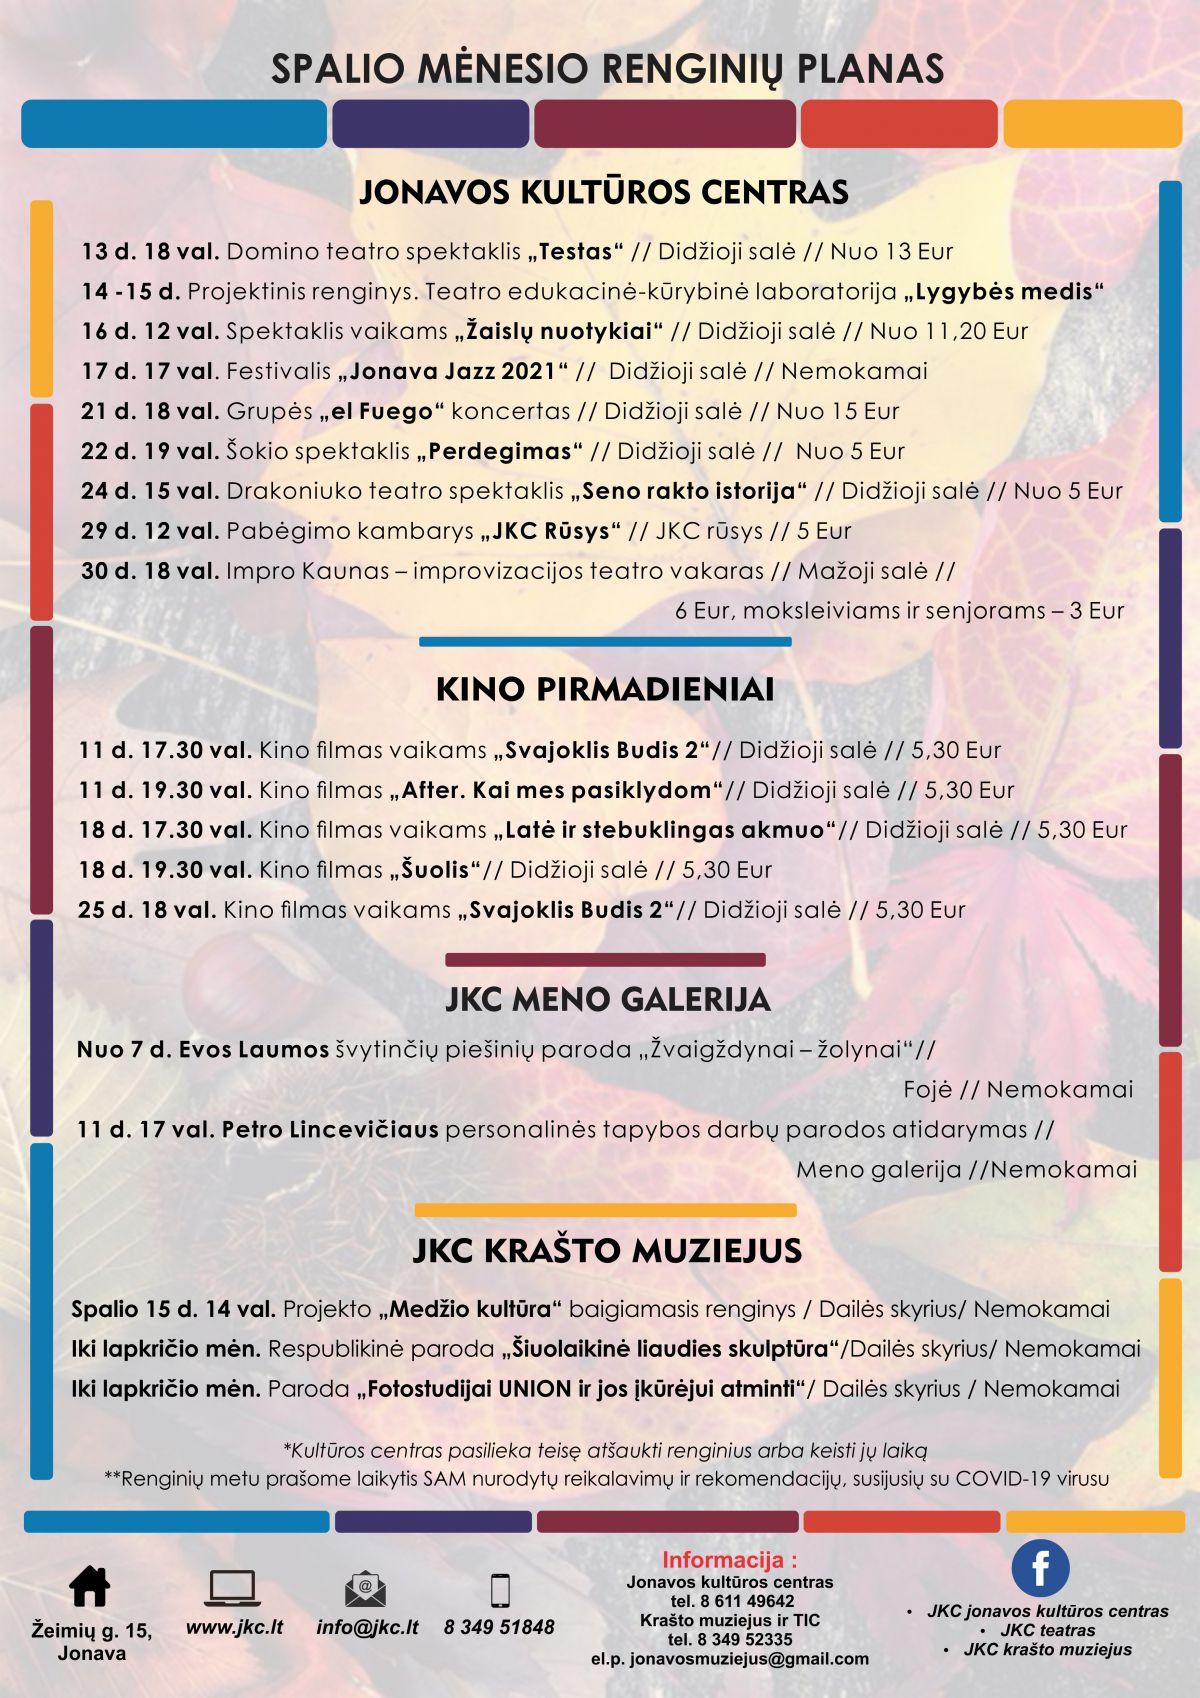 Jonavos kultūros centro spalio mėnesio renginių  repertuaras